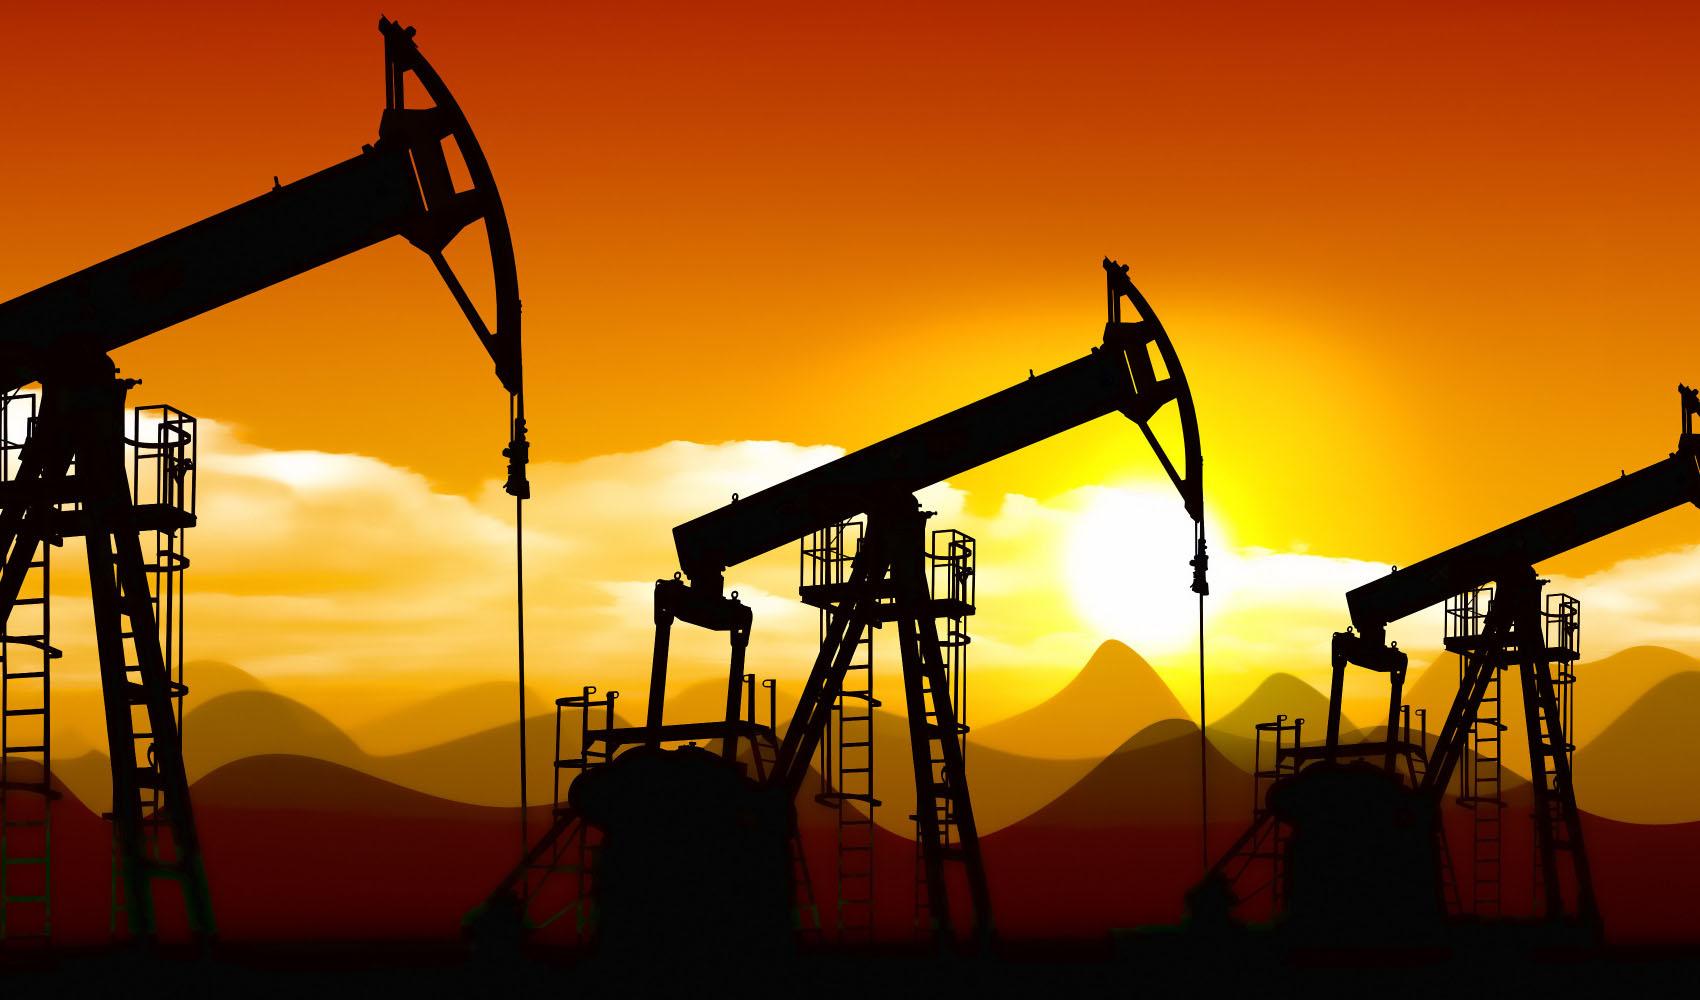 قیمت نفت خام به ۸۰ دلار برای هر بشکه میرسد